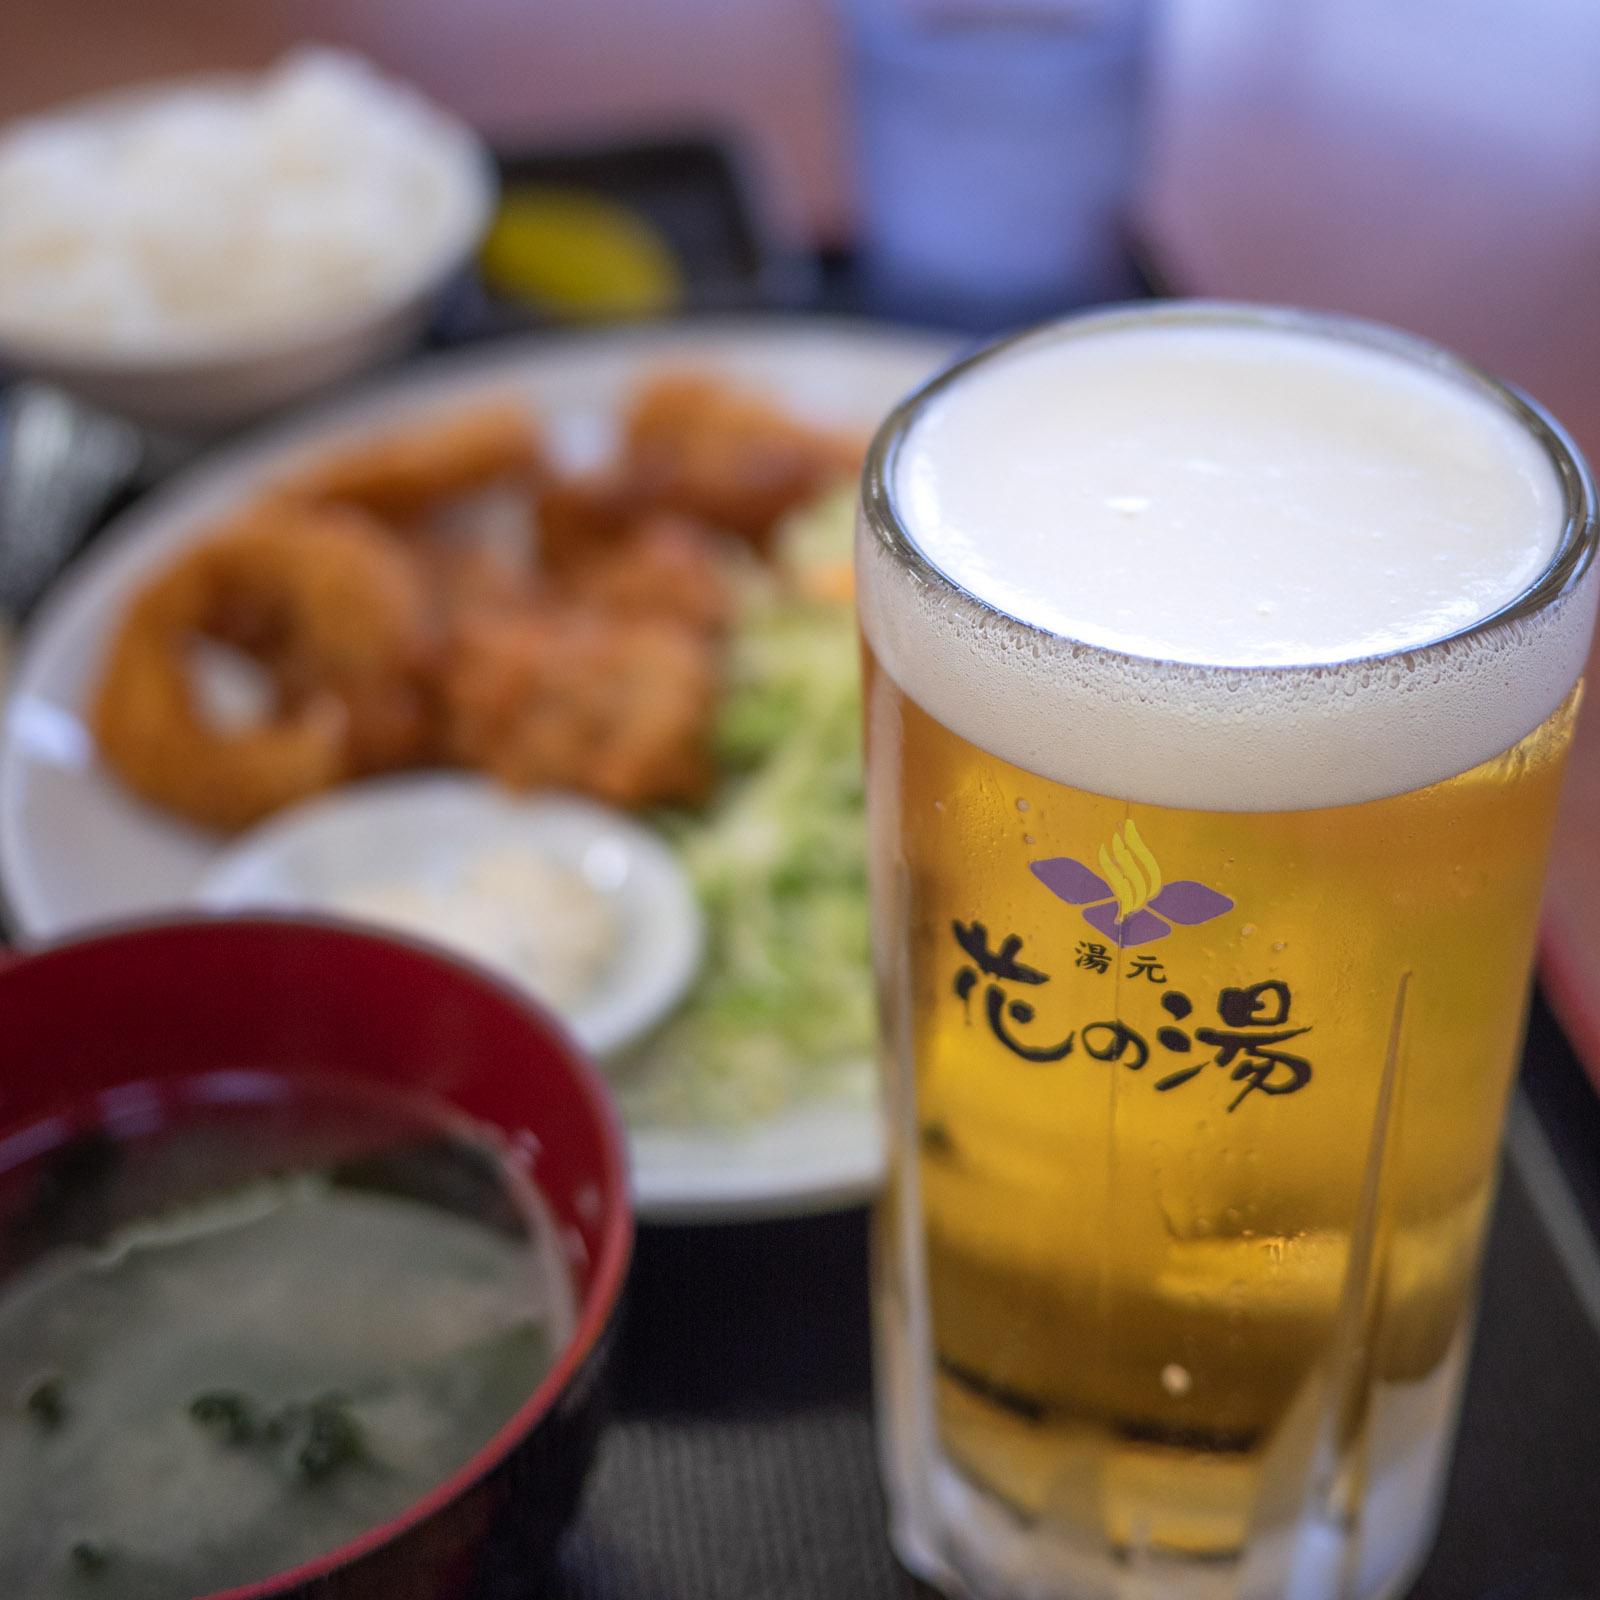 花の湯の生ビール450円税込 DMC-GX8 + LUMIX 20mm